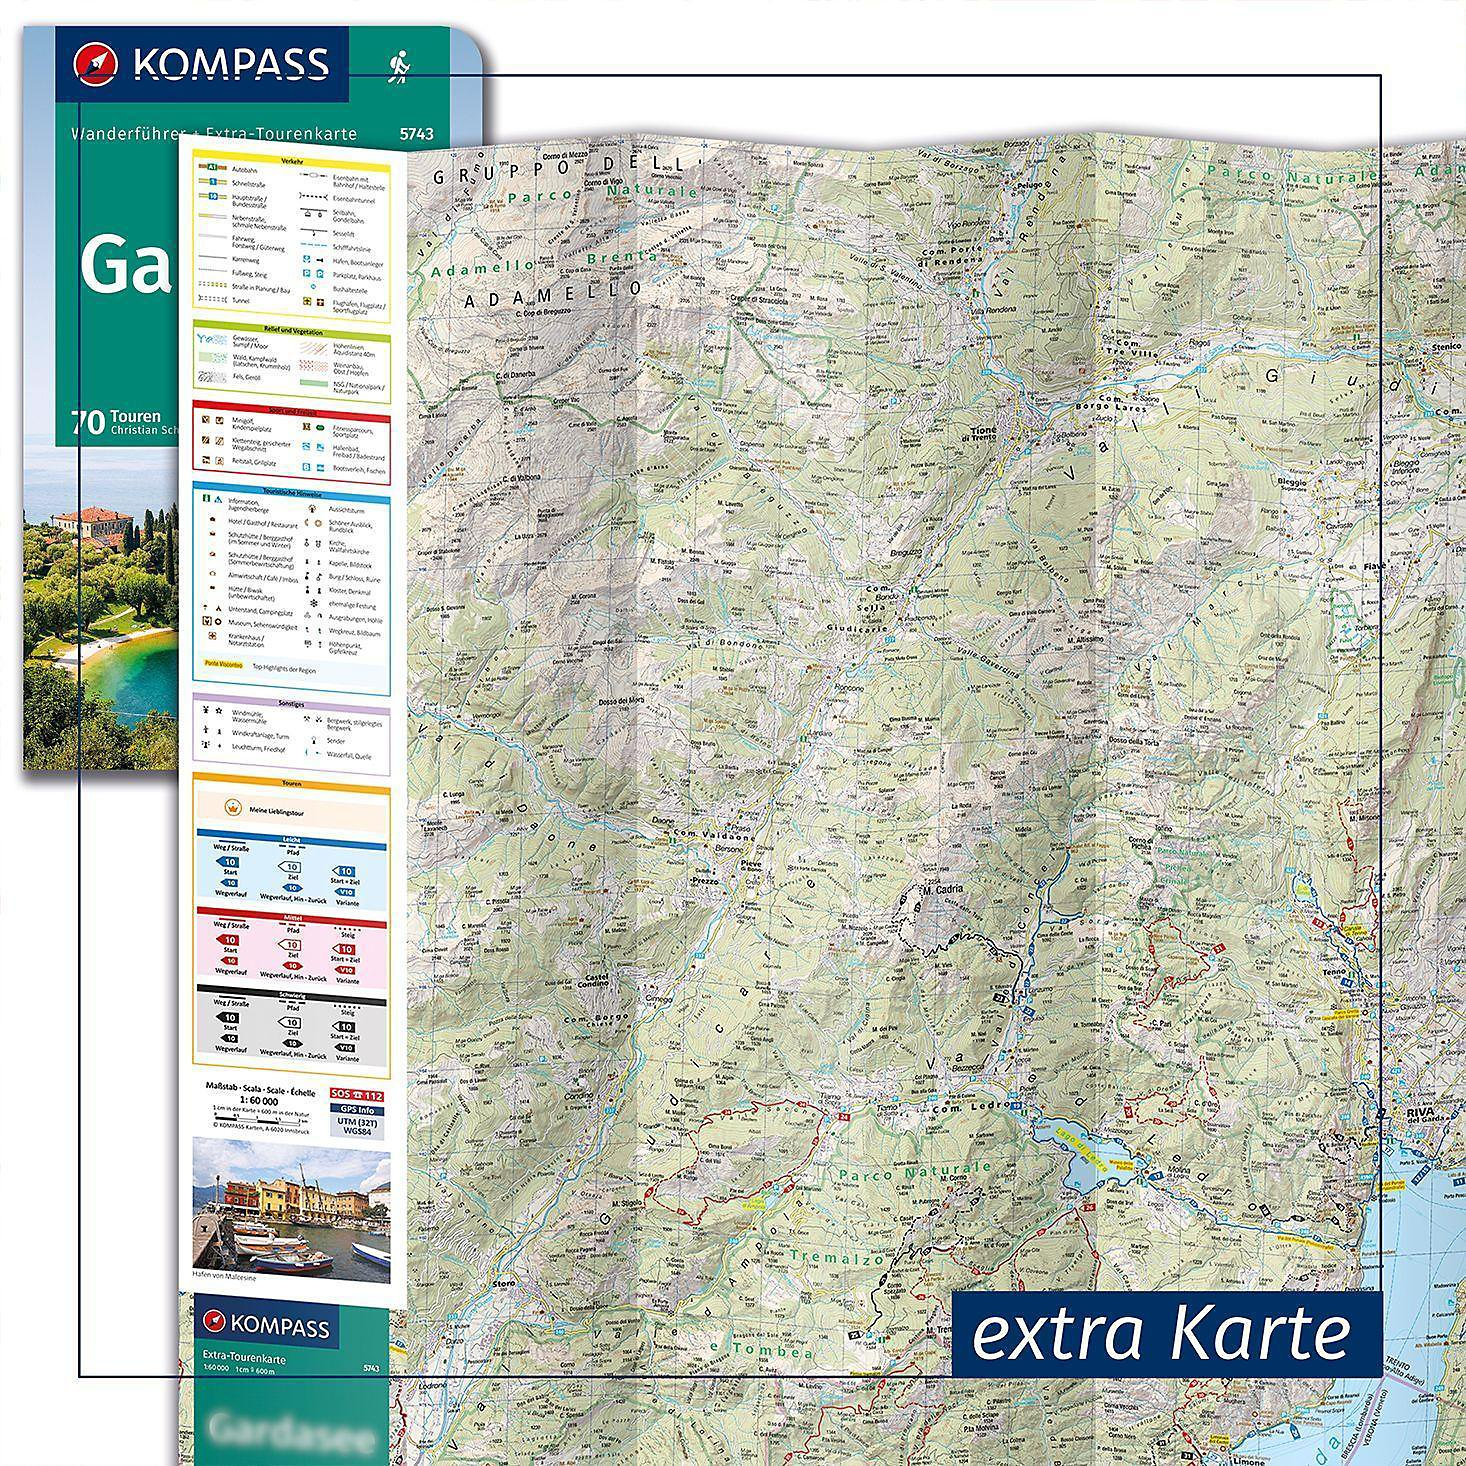 Berchtesgadener Land Karte.Kompass Wanderführer Berchtesgadener Land Und Steinernes Meer M 1